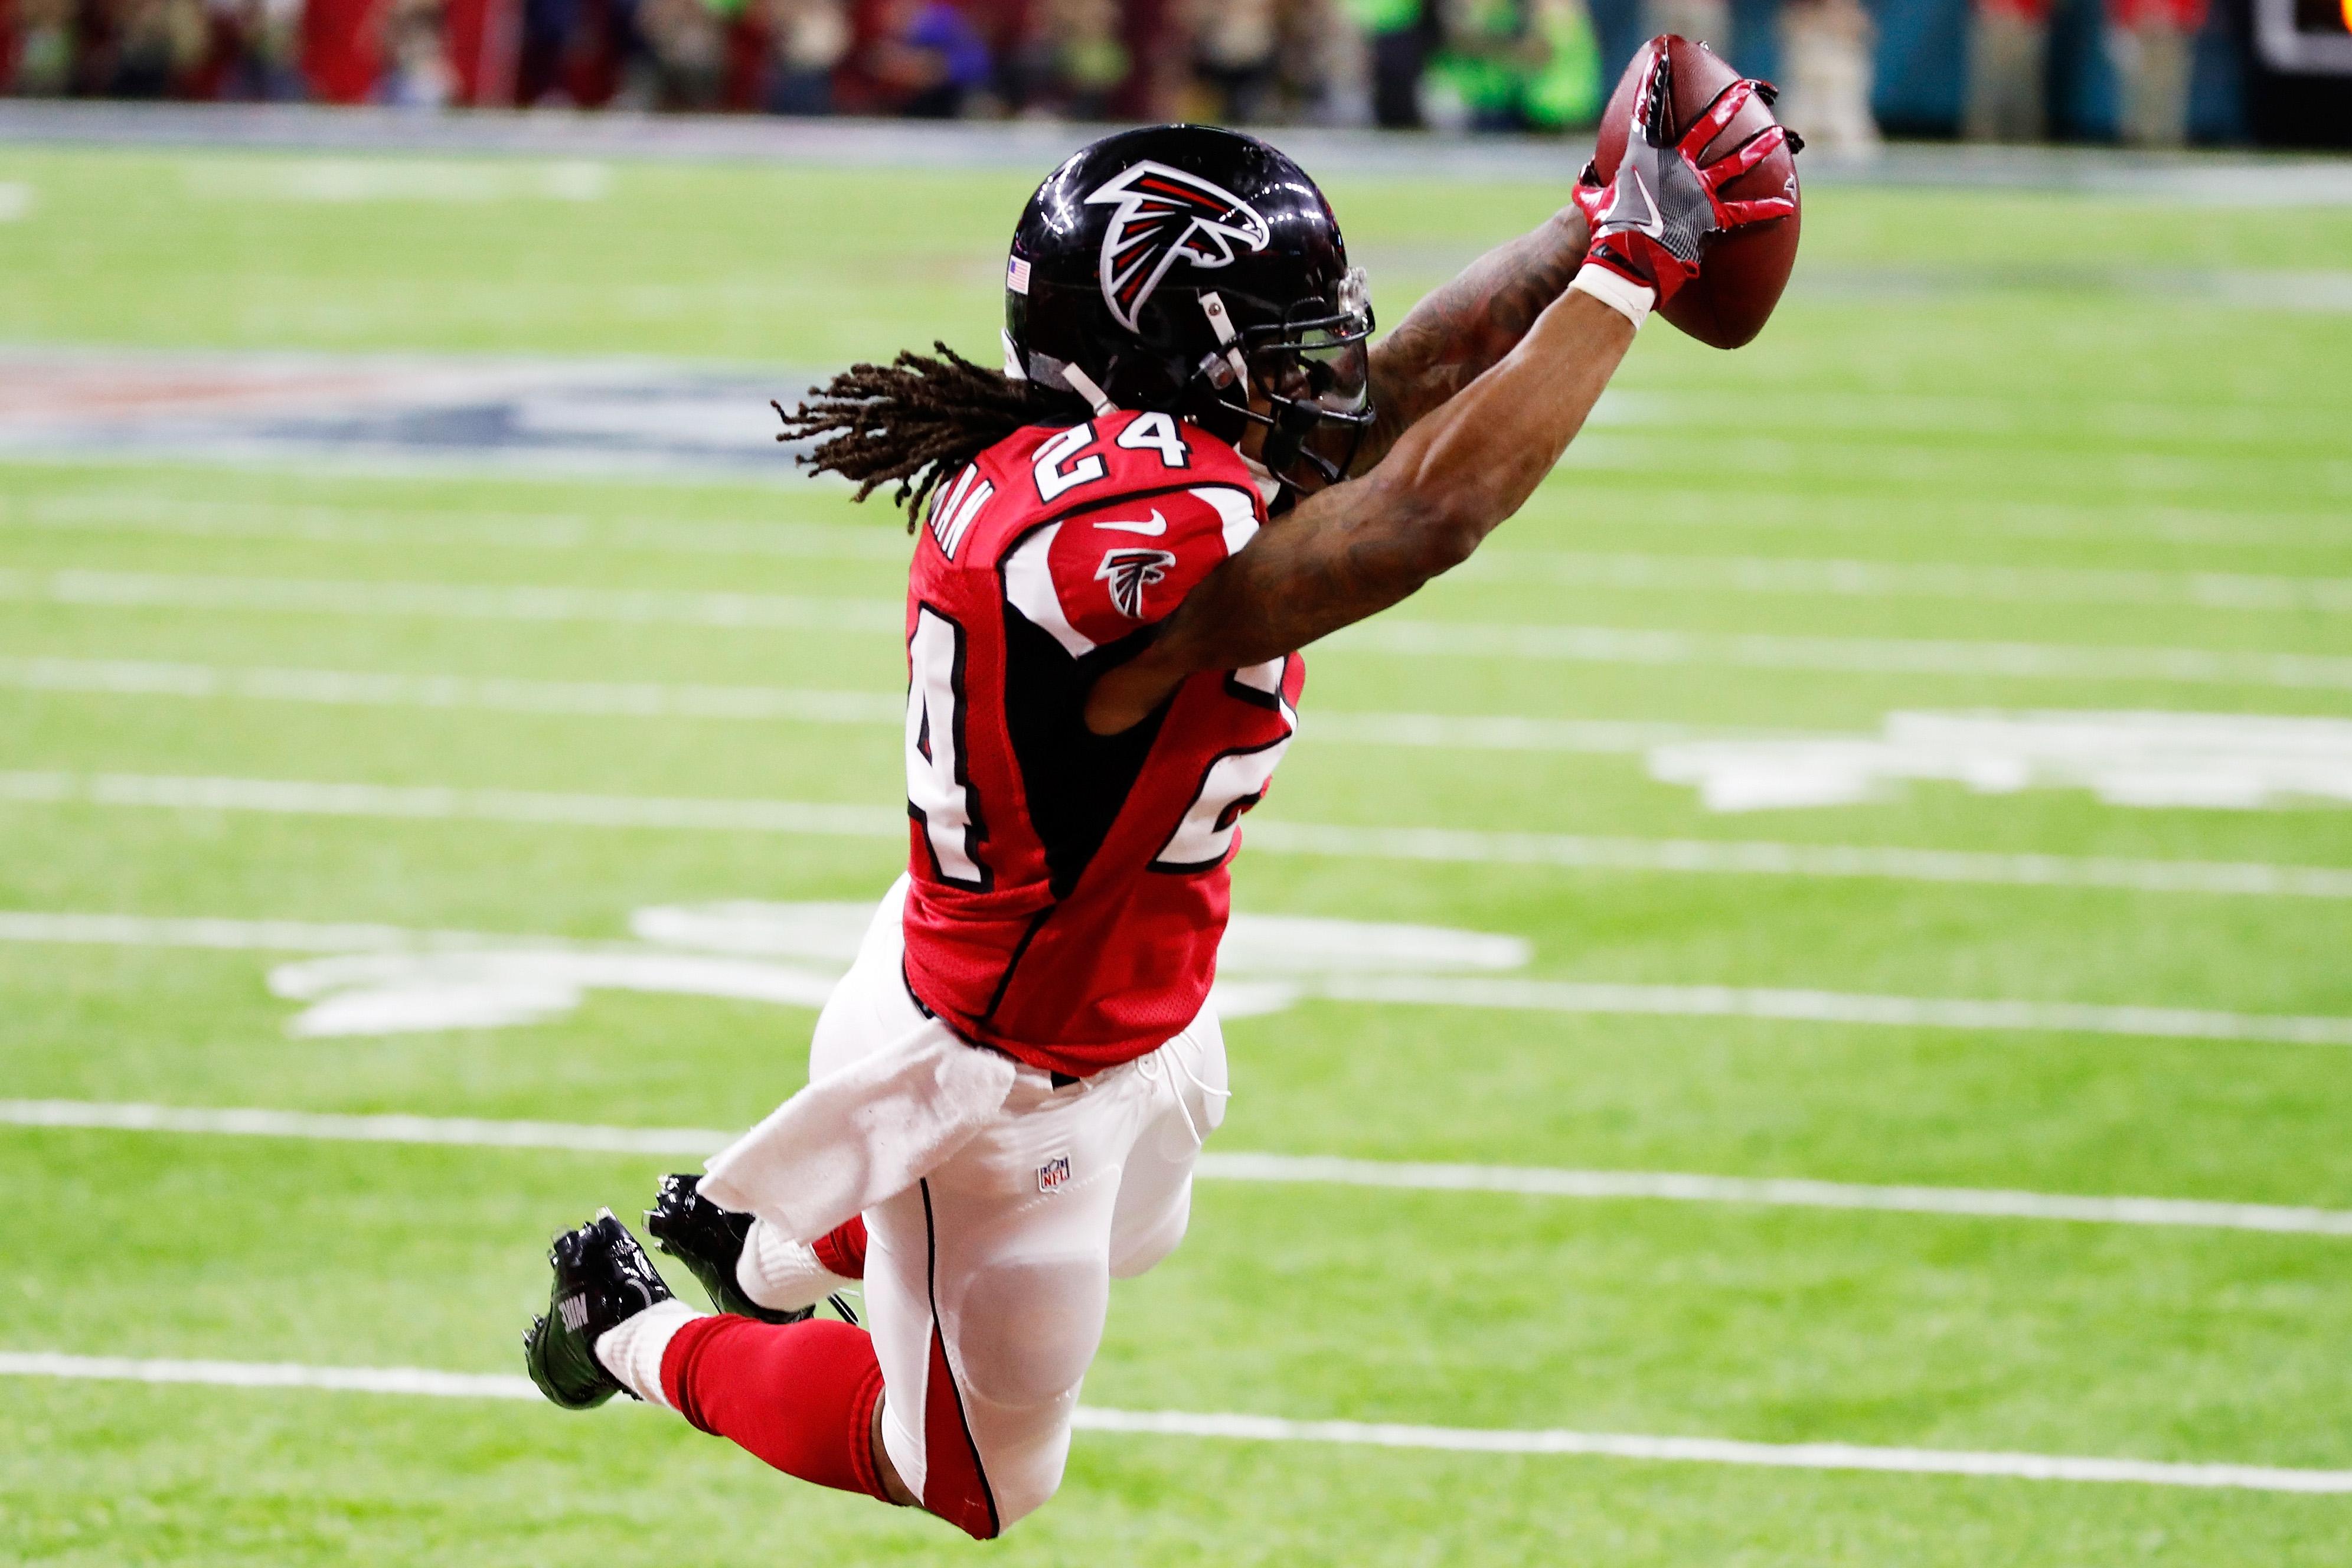 Devonta Freeman , de los Falcons de Atlanta, al anotar contra los Patriots de Nueva Inglaterra. (Crédito: Gregory Shamus/Getty Images)